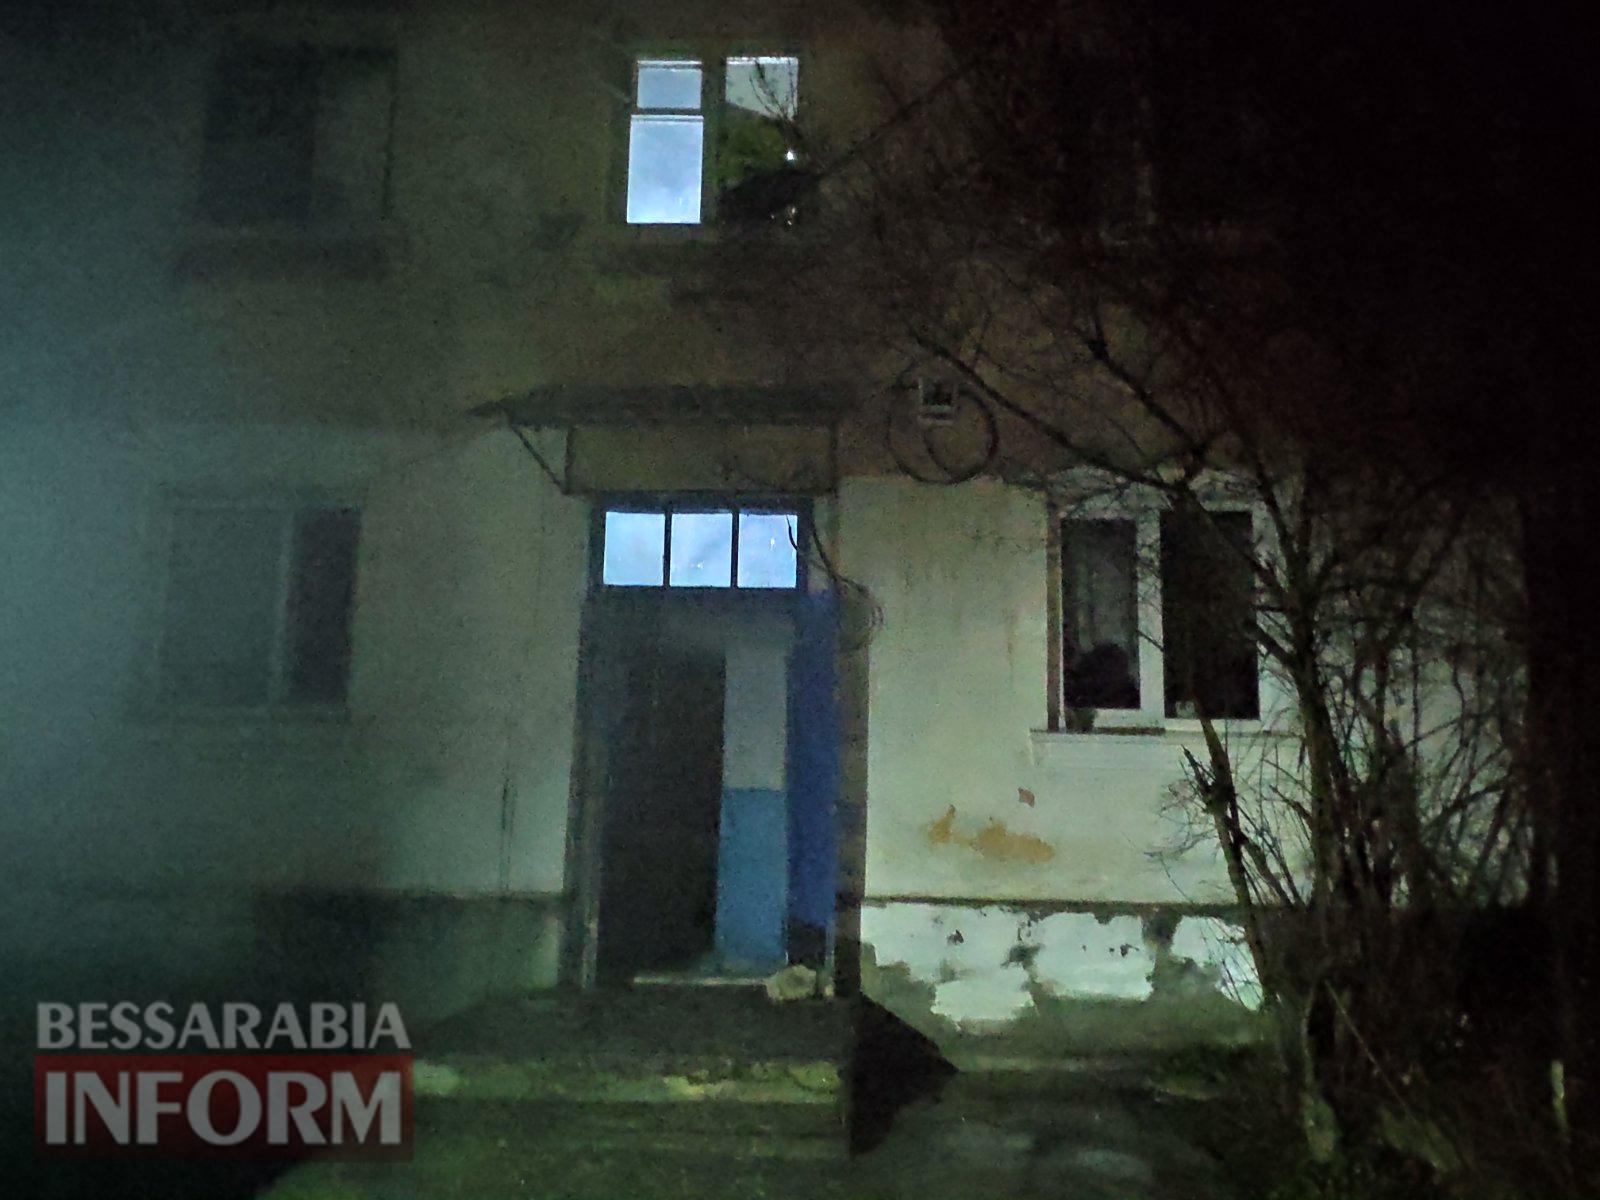 Вторая электрощитовая за день: вчера ночью в Килии из-за пожара эвакуировали людей из двухэтажки